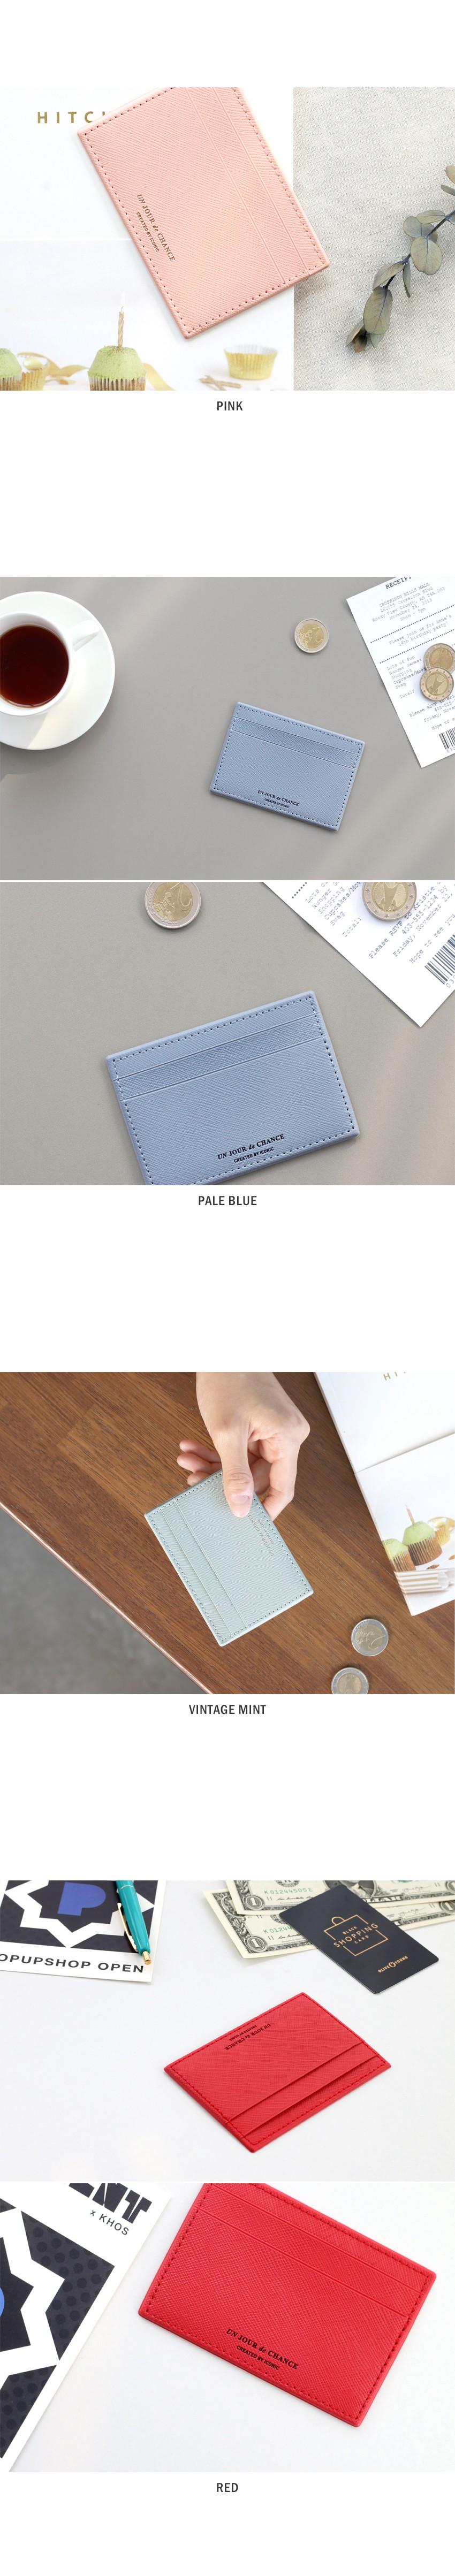 아이코닉 플랫 카드 포켓(iconic) - 아이코닉, 4,800원, 동전/카드지갑, 카드지갑